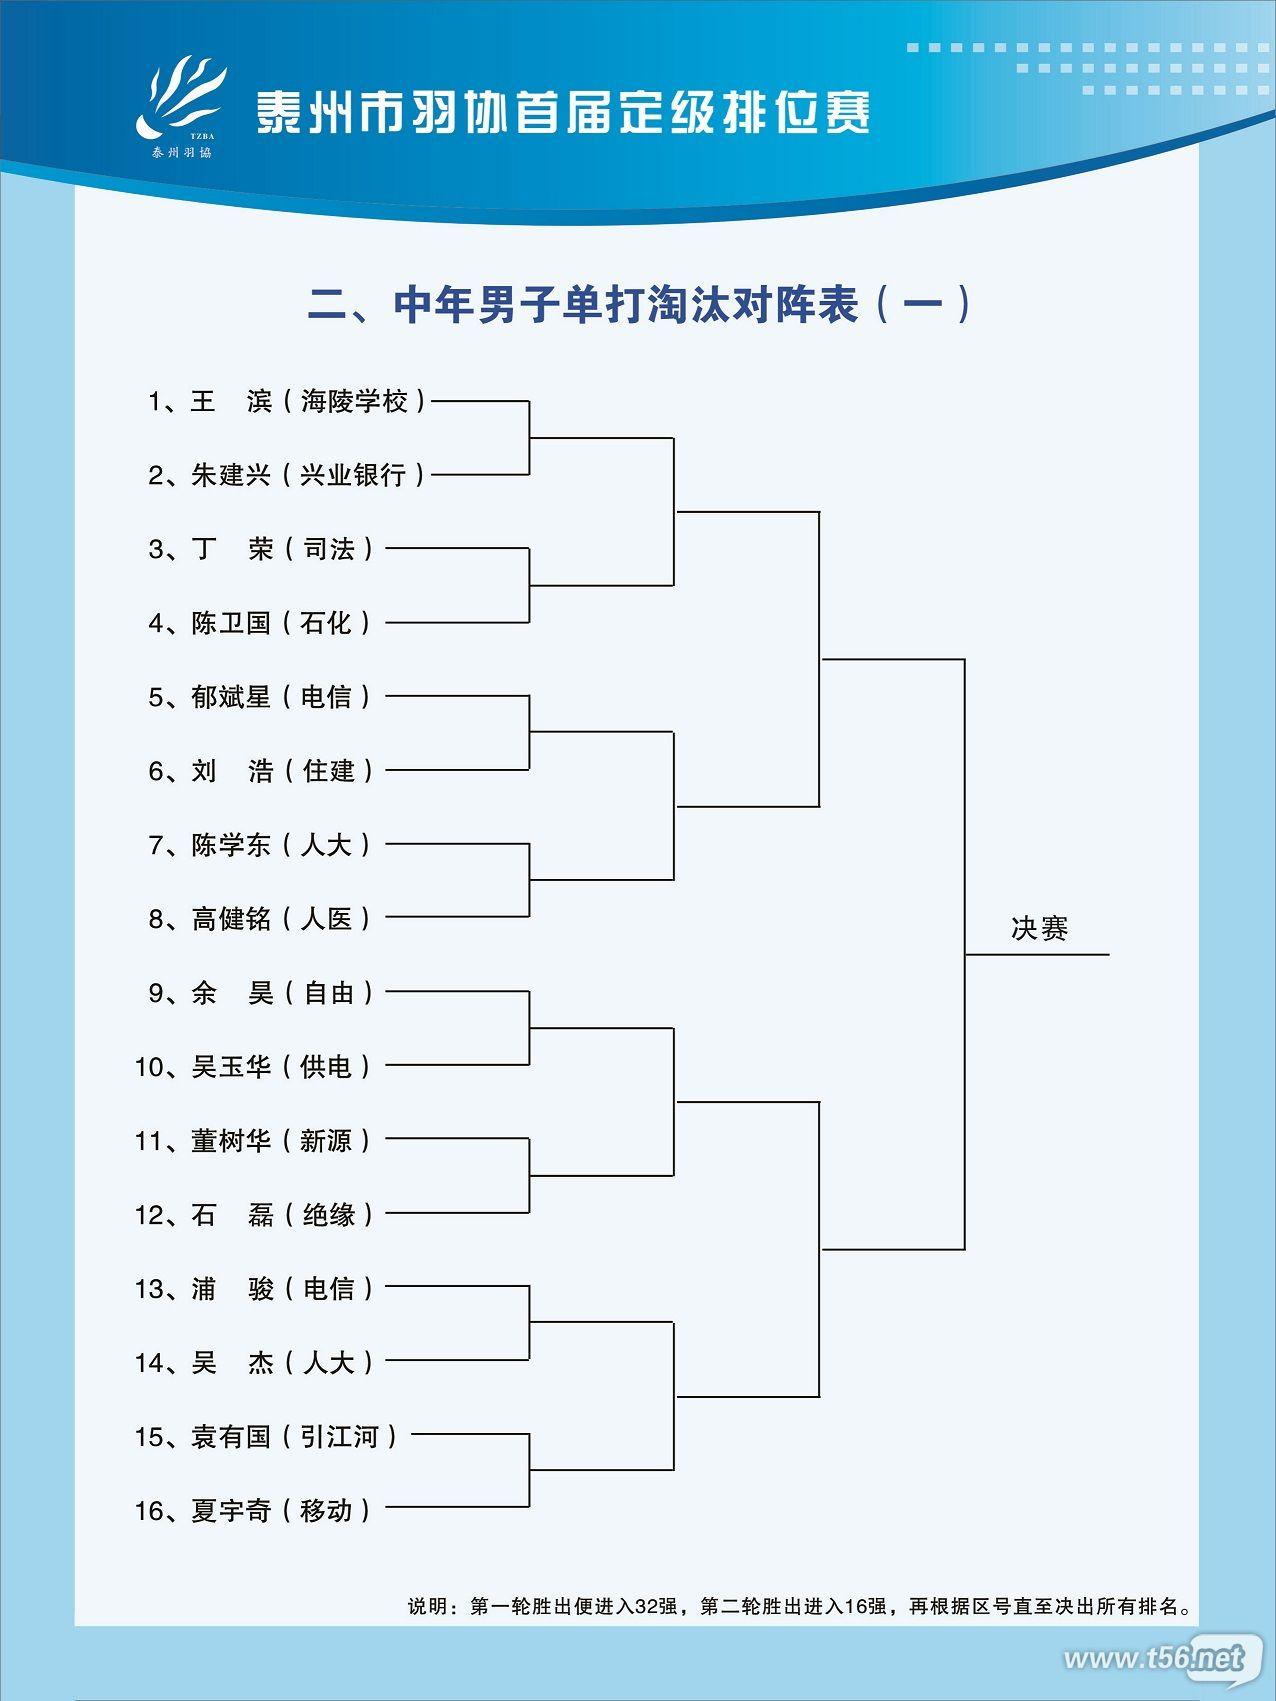 泰州市羽毛球协会首届会员排位赛对阵表